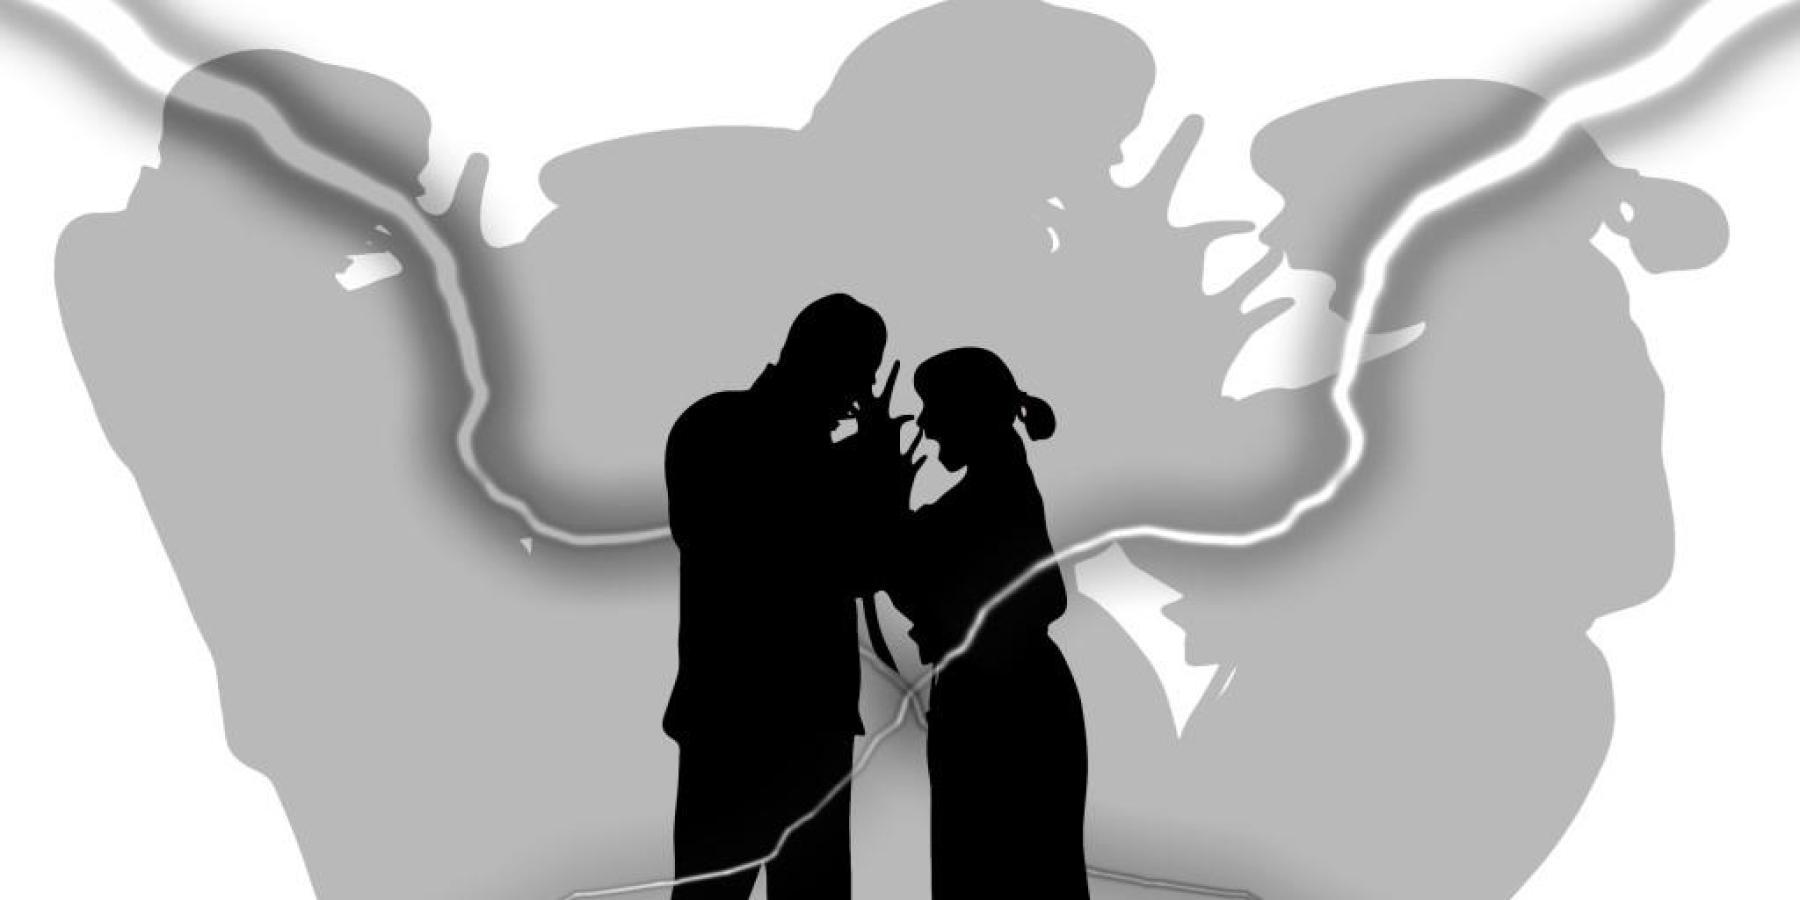 Lebensgefährte soll 21-jährige Partnerin gegen ihren Willen festhalten – Paar meldet sich in Hessen bei der Polizei